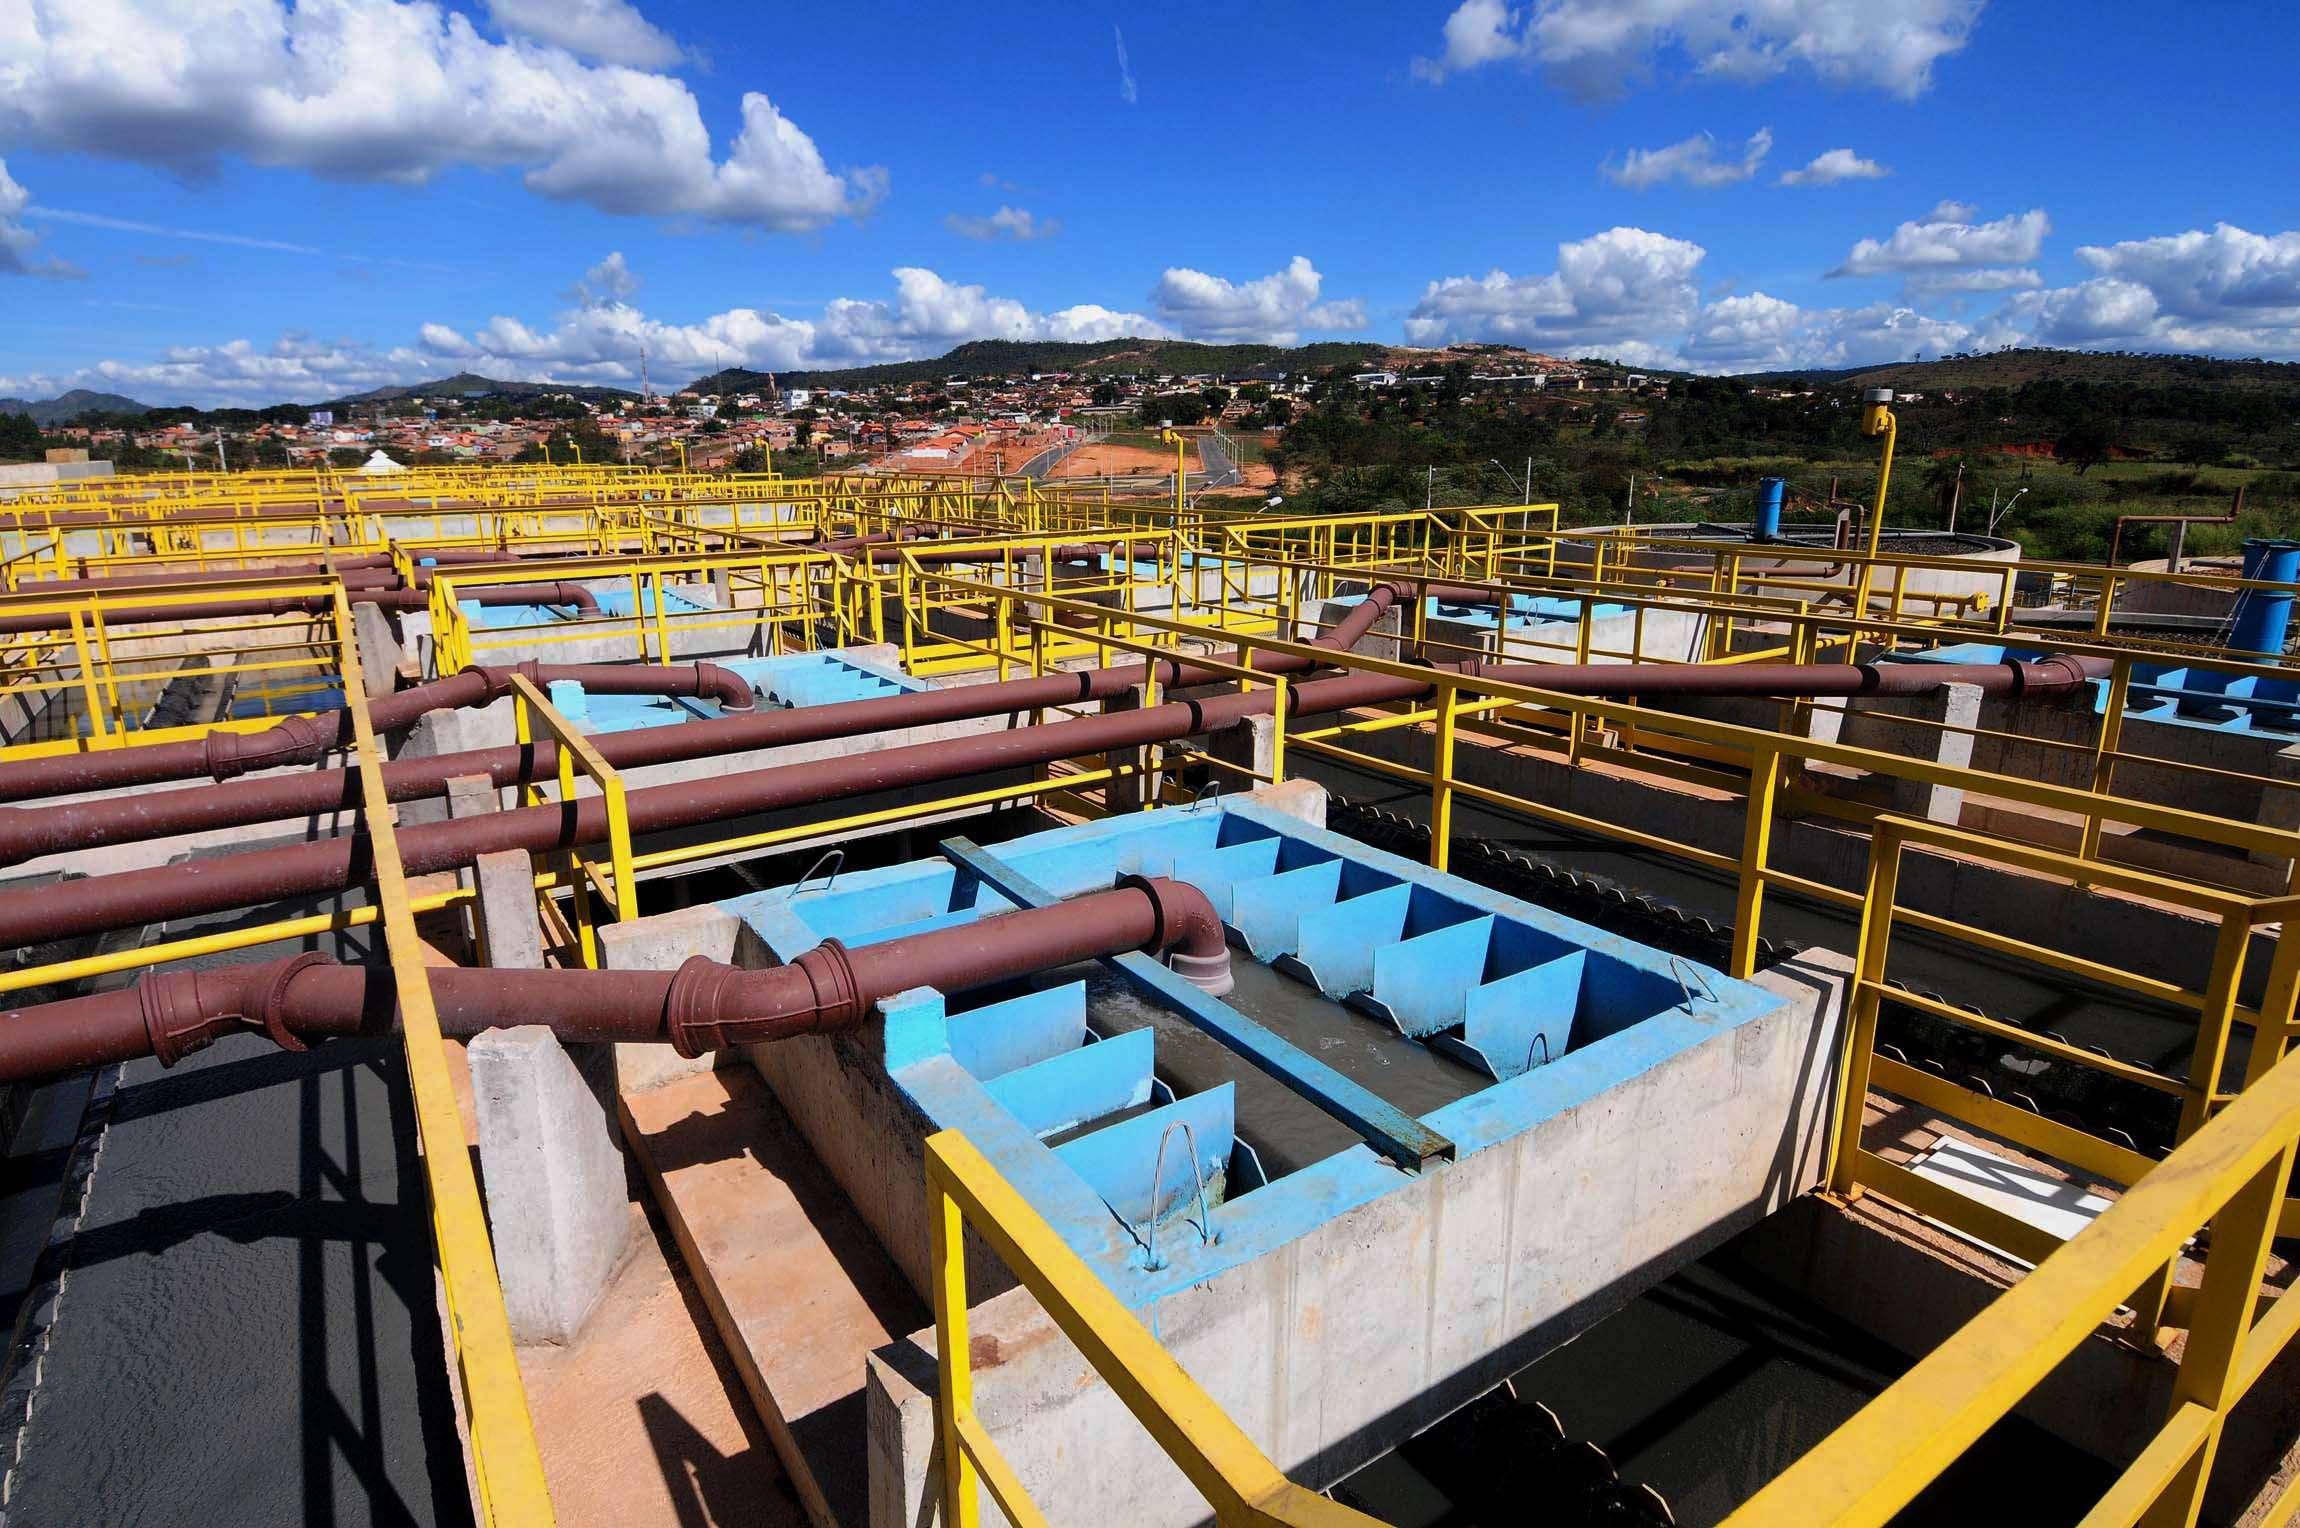 Copasa inicia nova fase de execução das obras do sistema de esgotamento sanitário de Nanuque Foto: Omar Freire/Imprensa MG